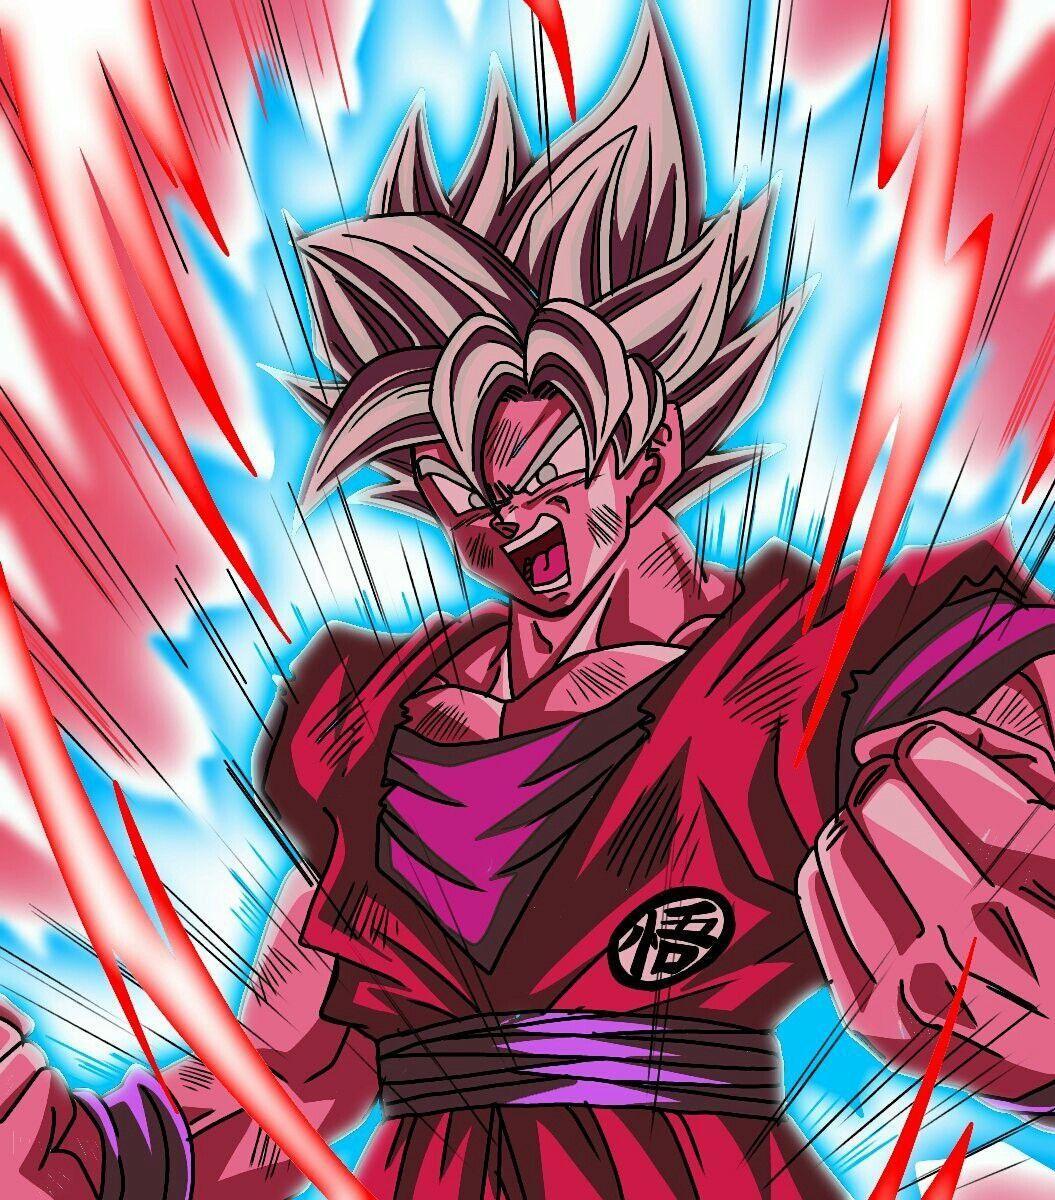 Kaioken Times 100 Goku Super Saiyan Blue Kaioken X20 Wallpaper